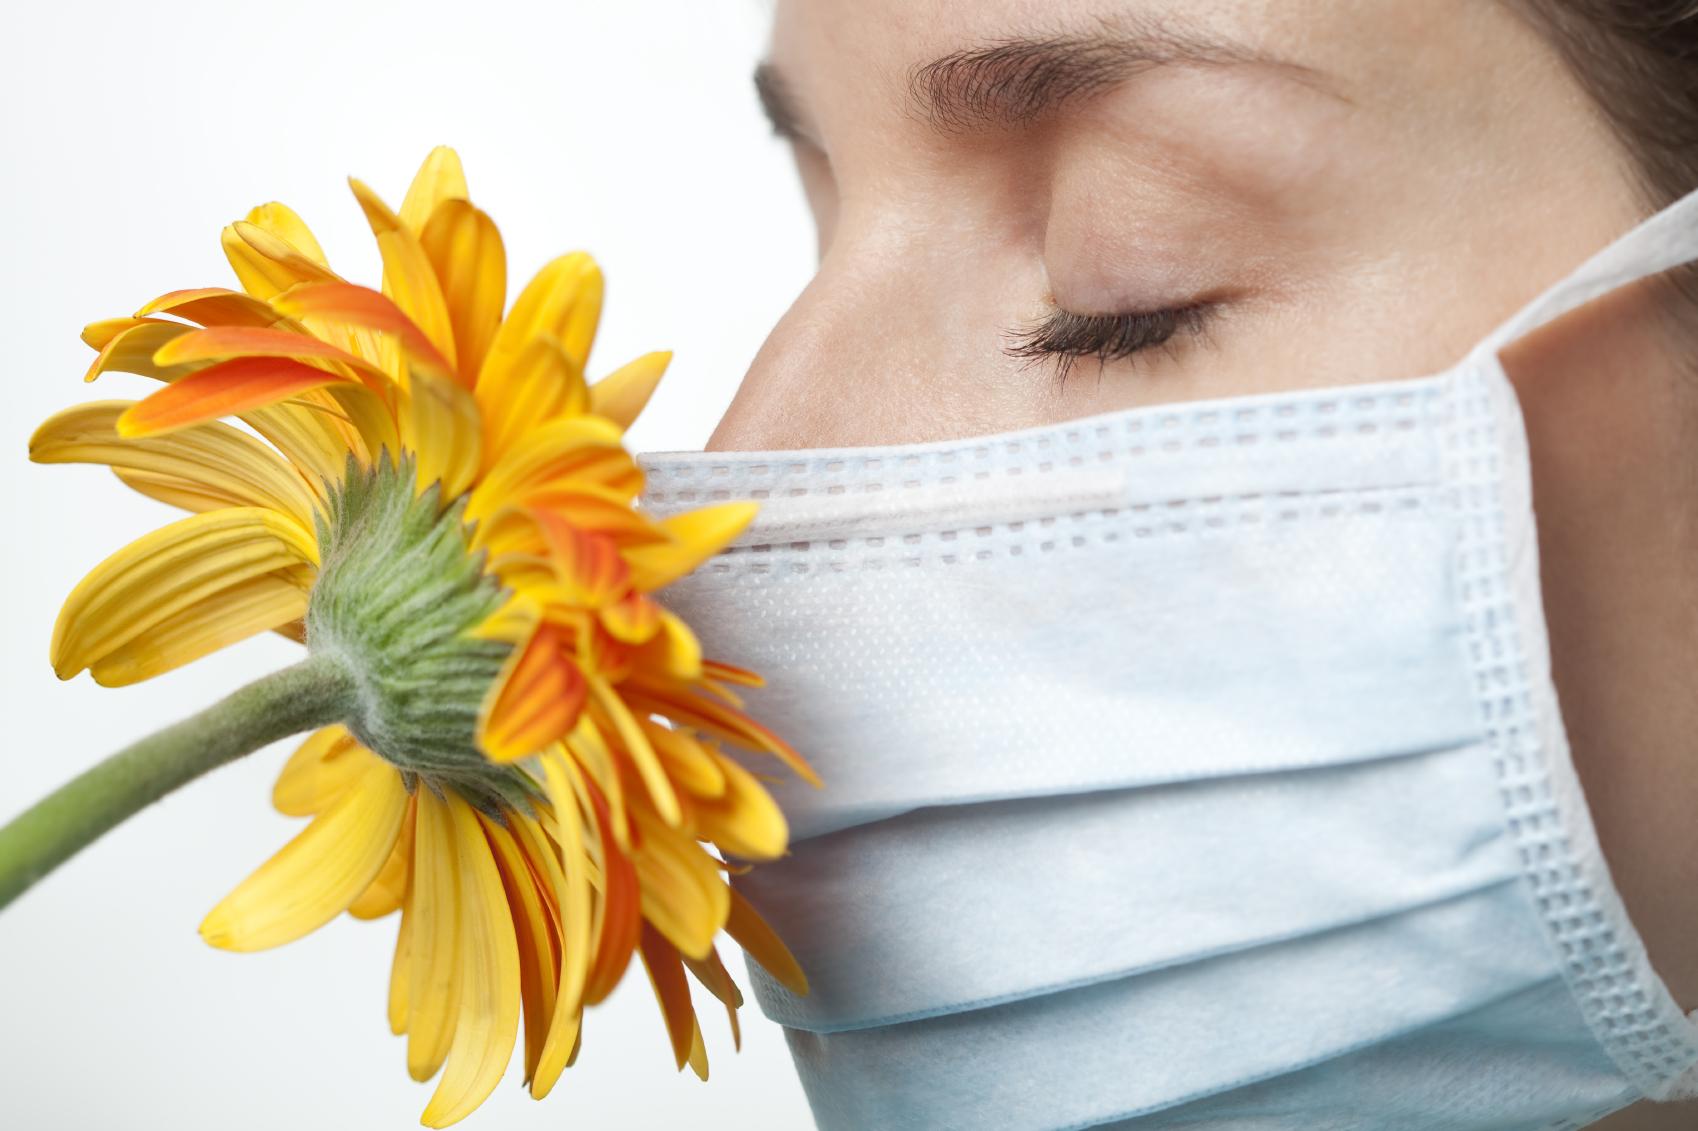 Індет уақытында аллергетиктерге не қылмақ керек? - на health.bugin.kz